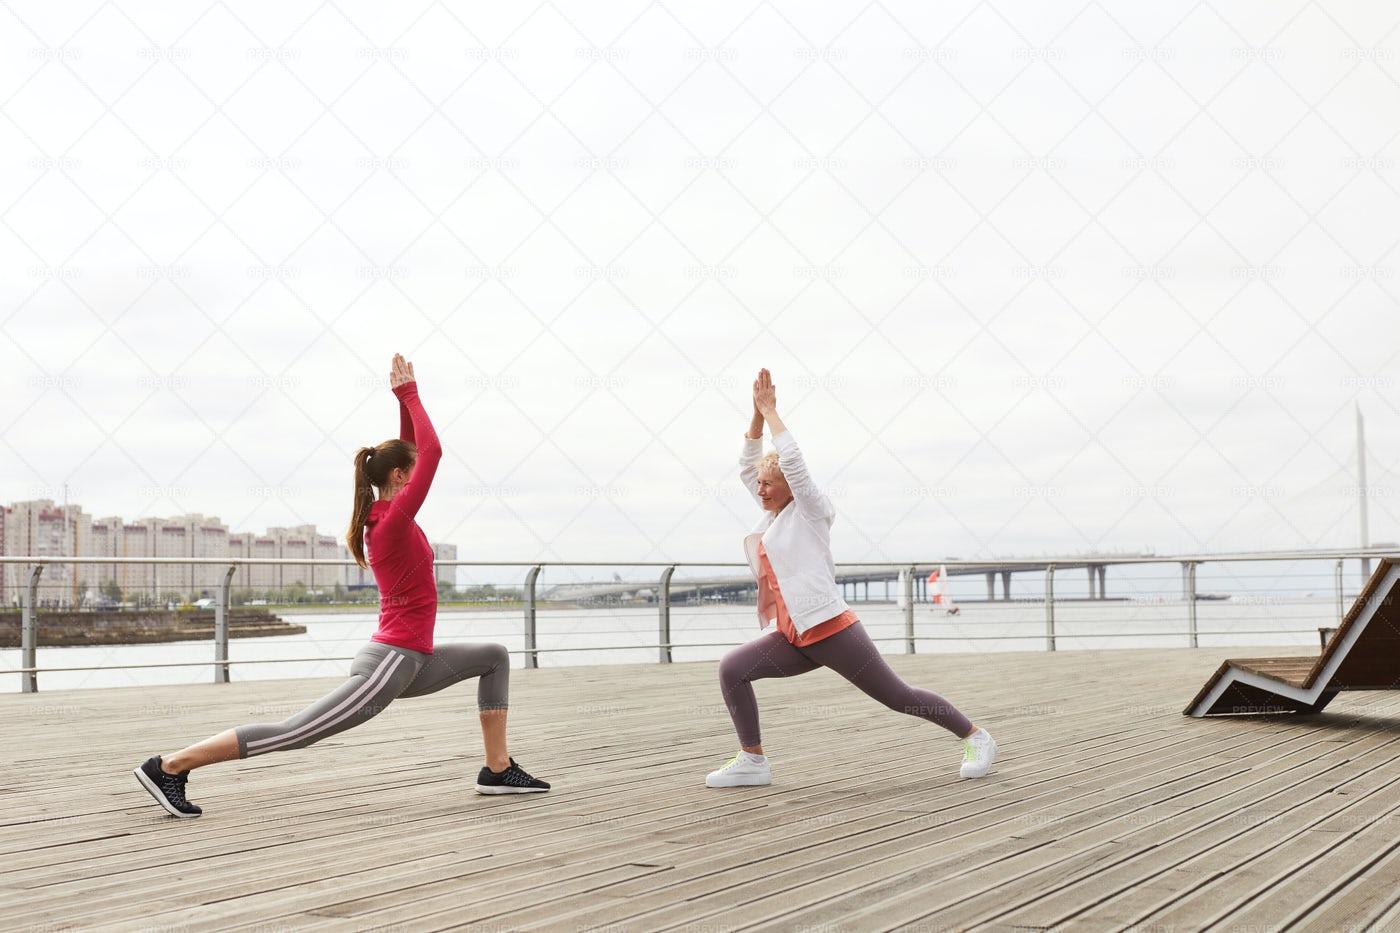 Two Women Doing Yoga On Pier: Stock Photos